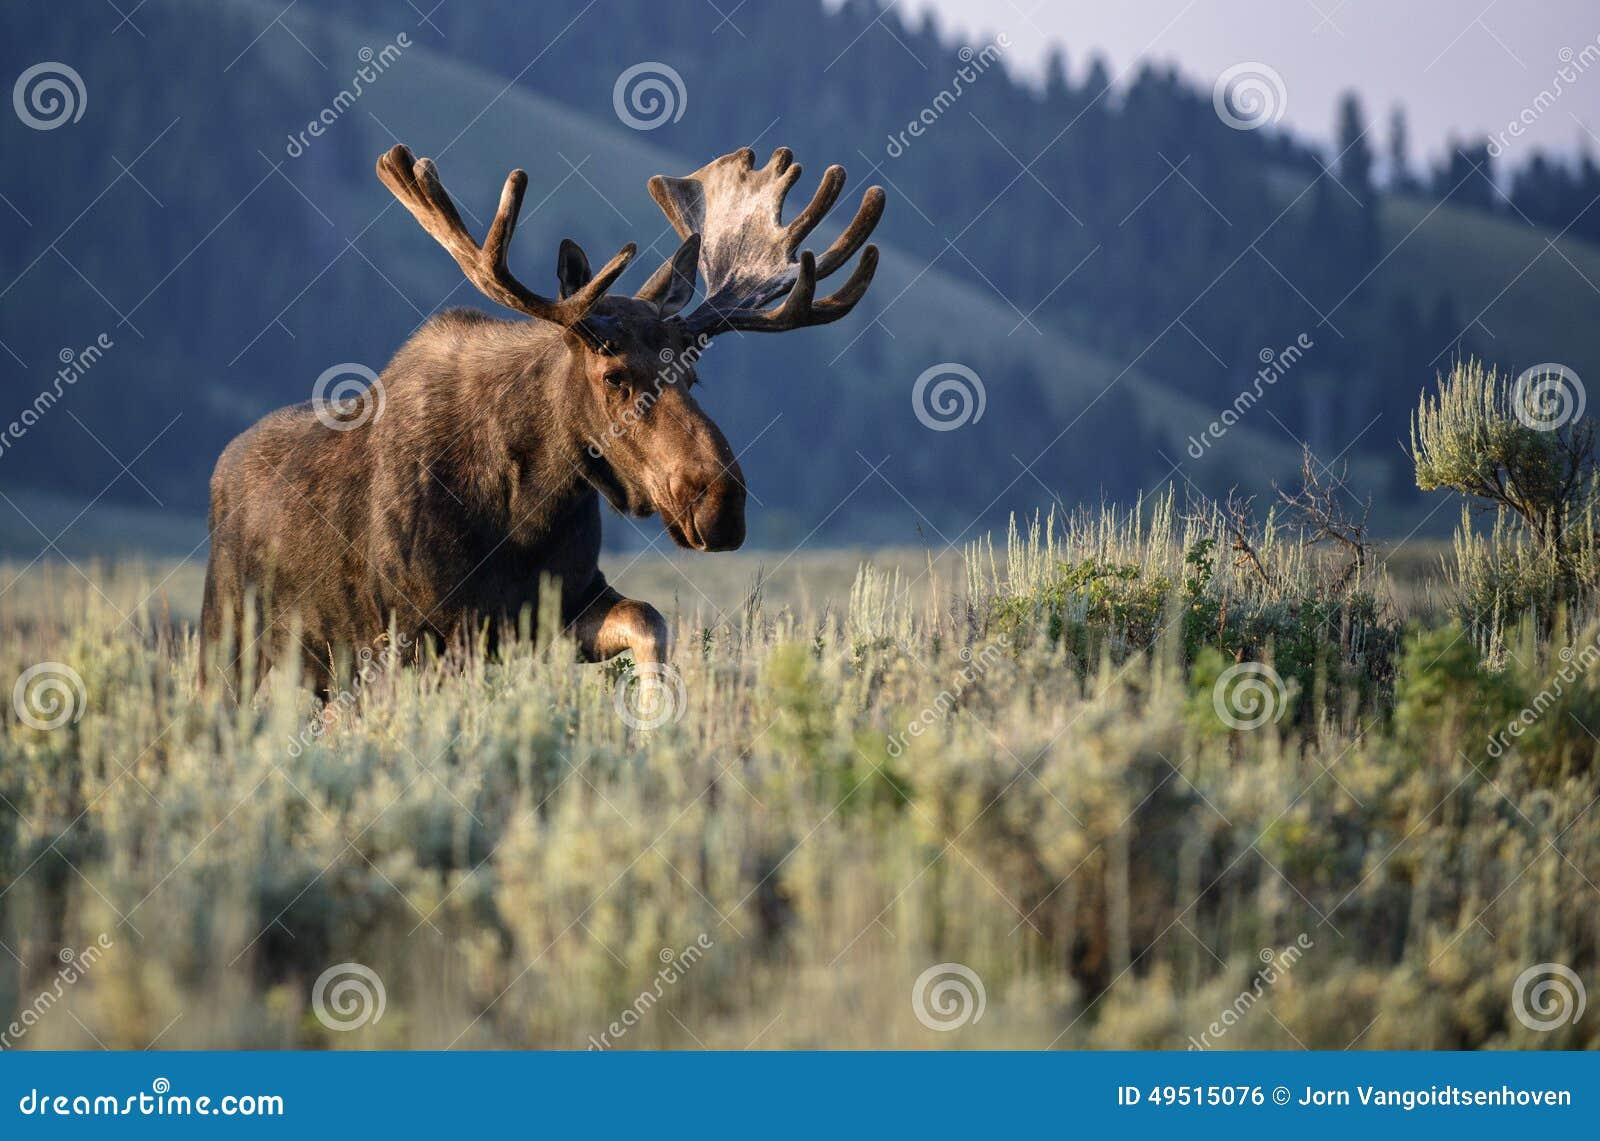 Sunrise bull moose in velvet